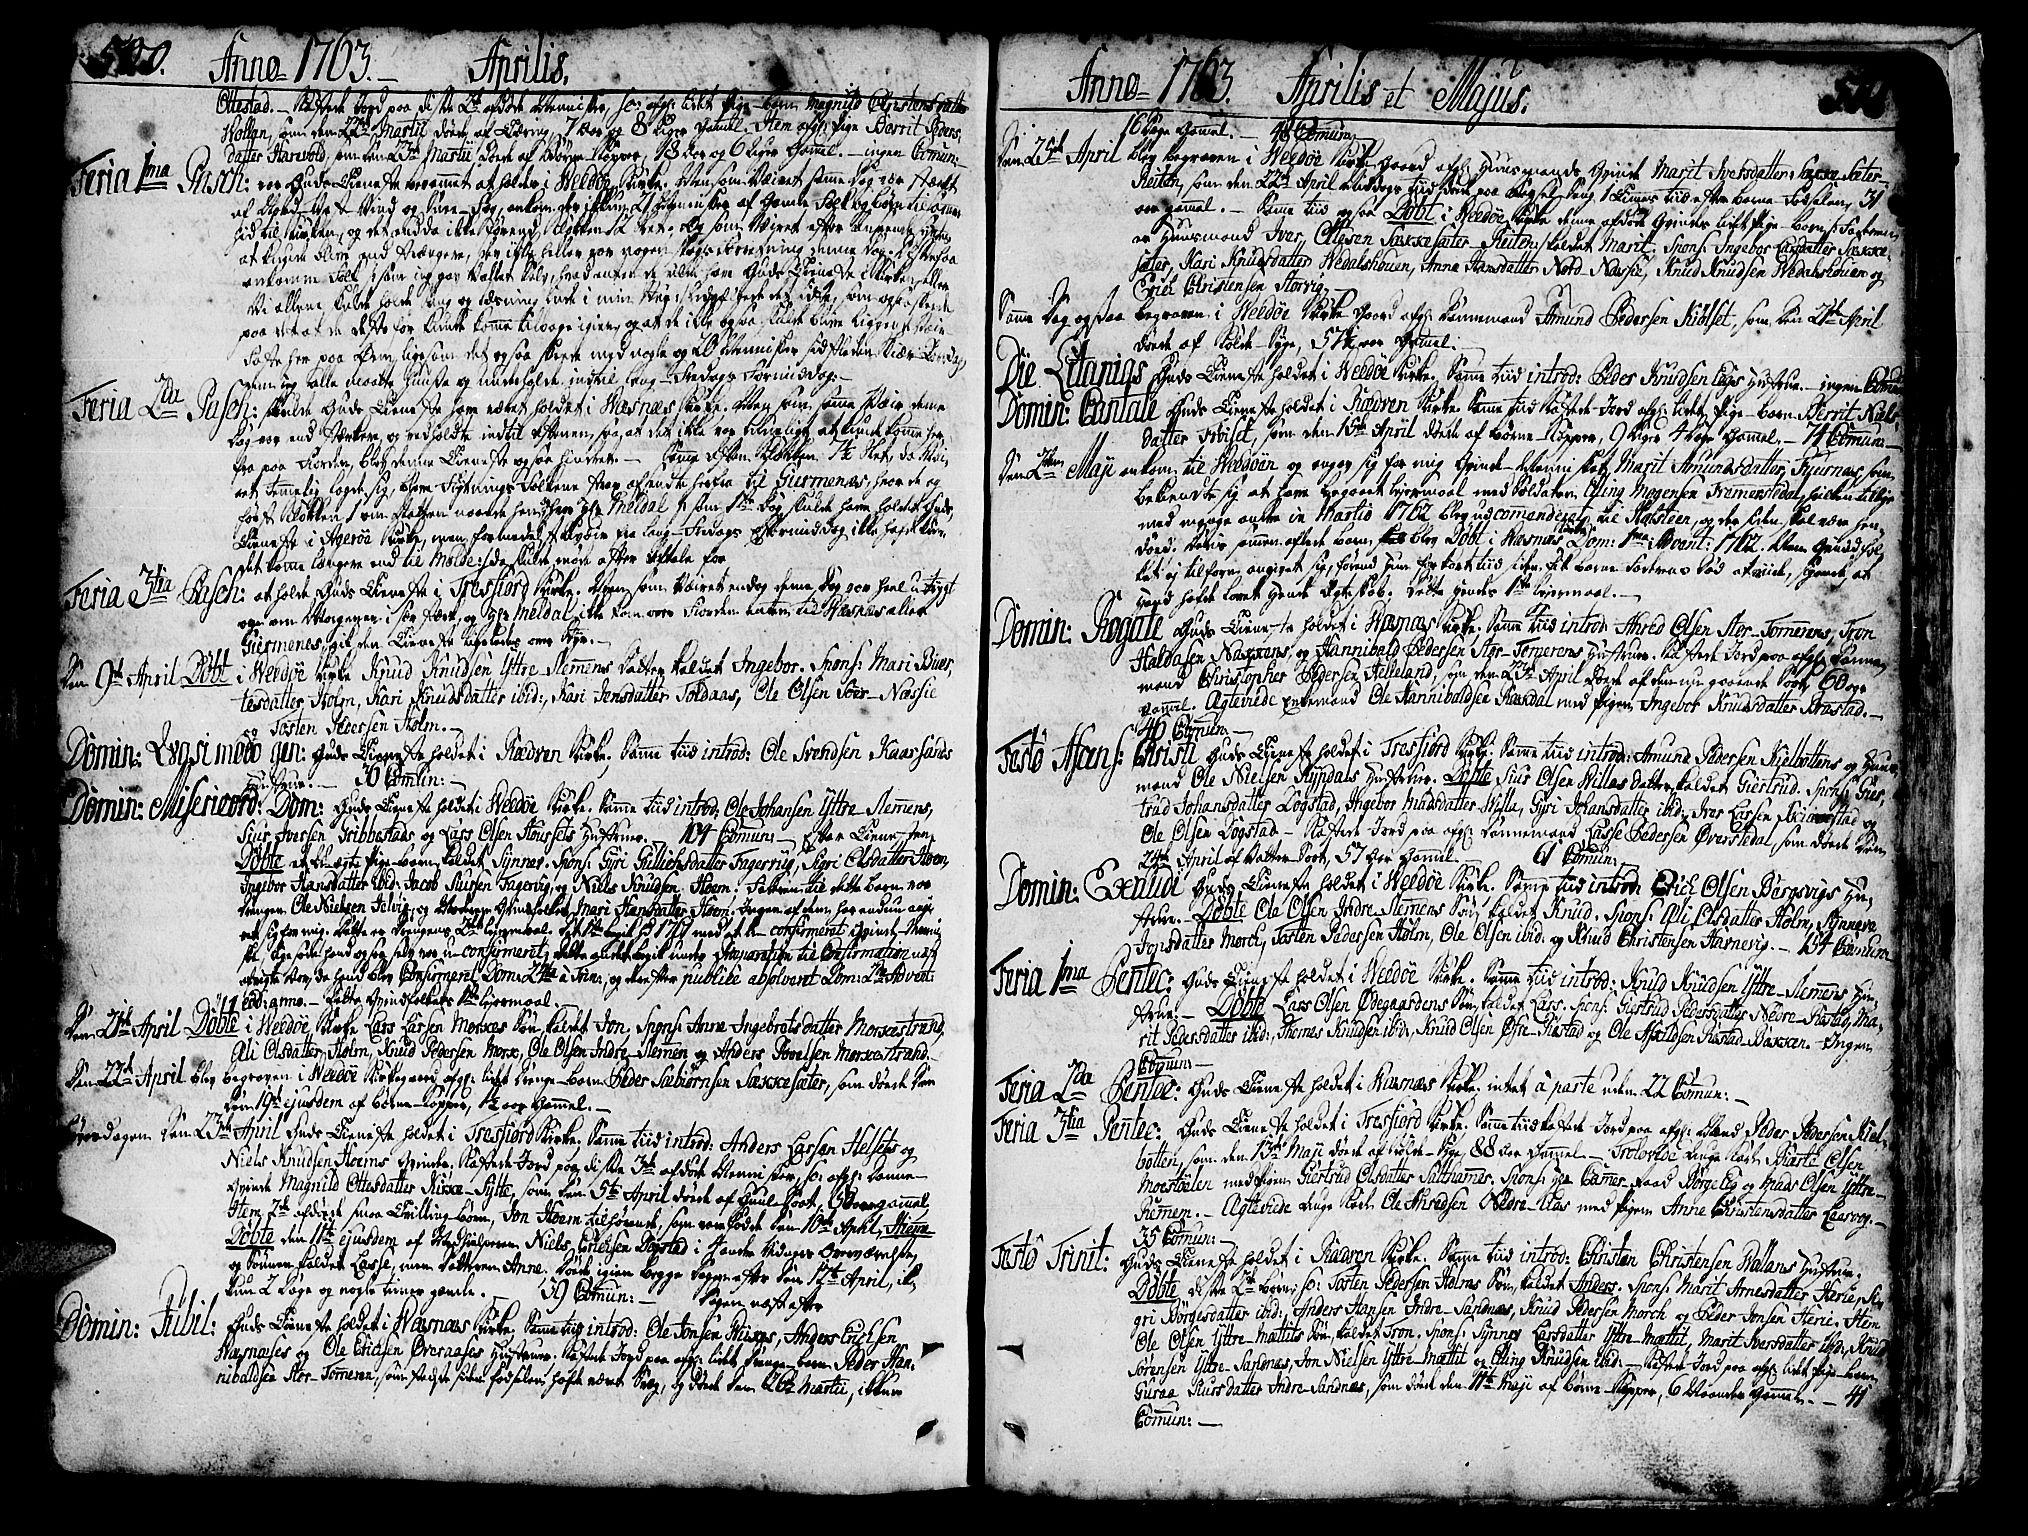 SAT, Ministerialprotokoller, klokkerbøker og fødselsregistre - Møre og Romsdal, 547/L0599: Ministerialbok nr. 547A01, 1721-1764, s. 500-501